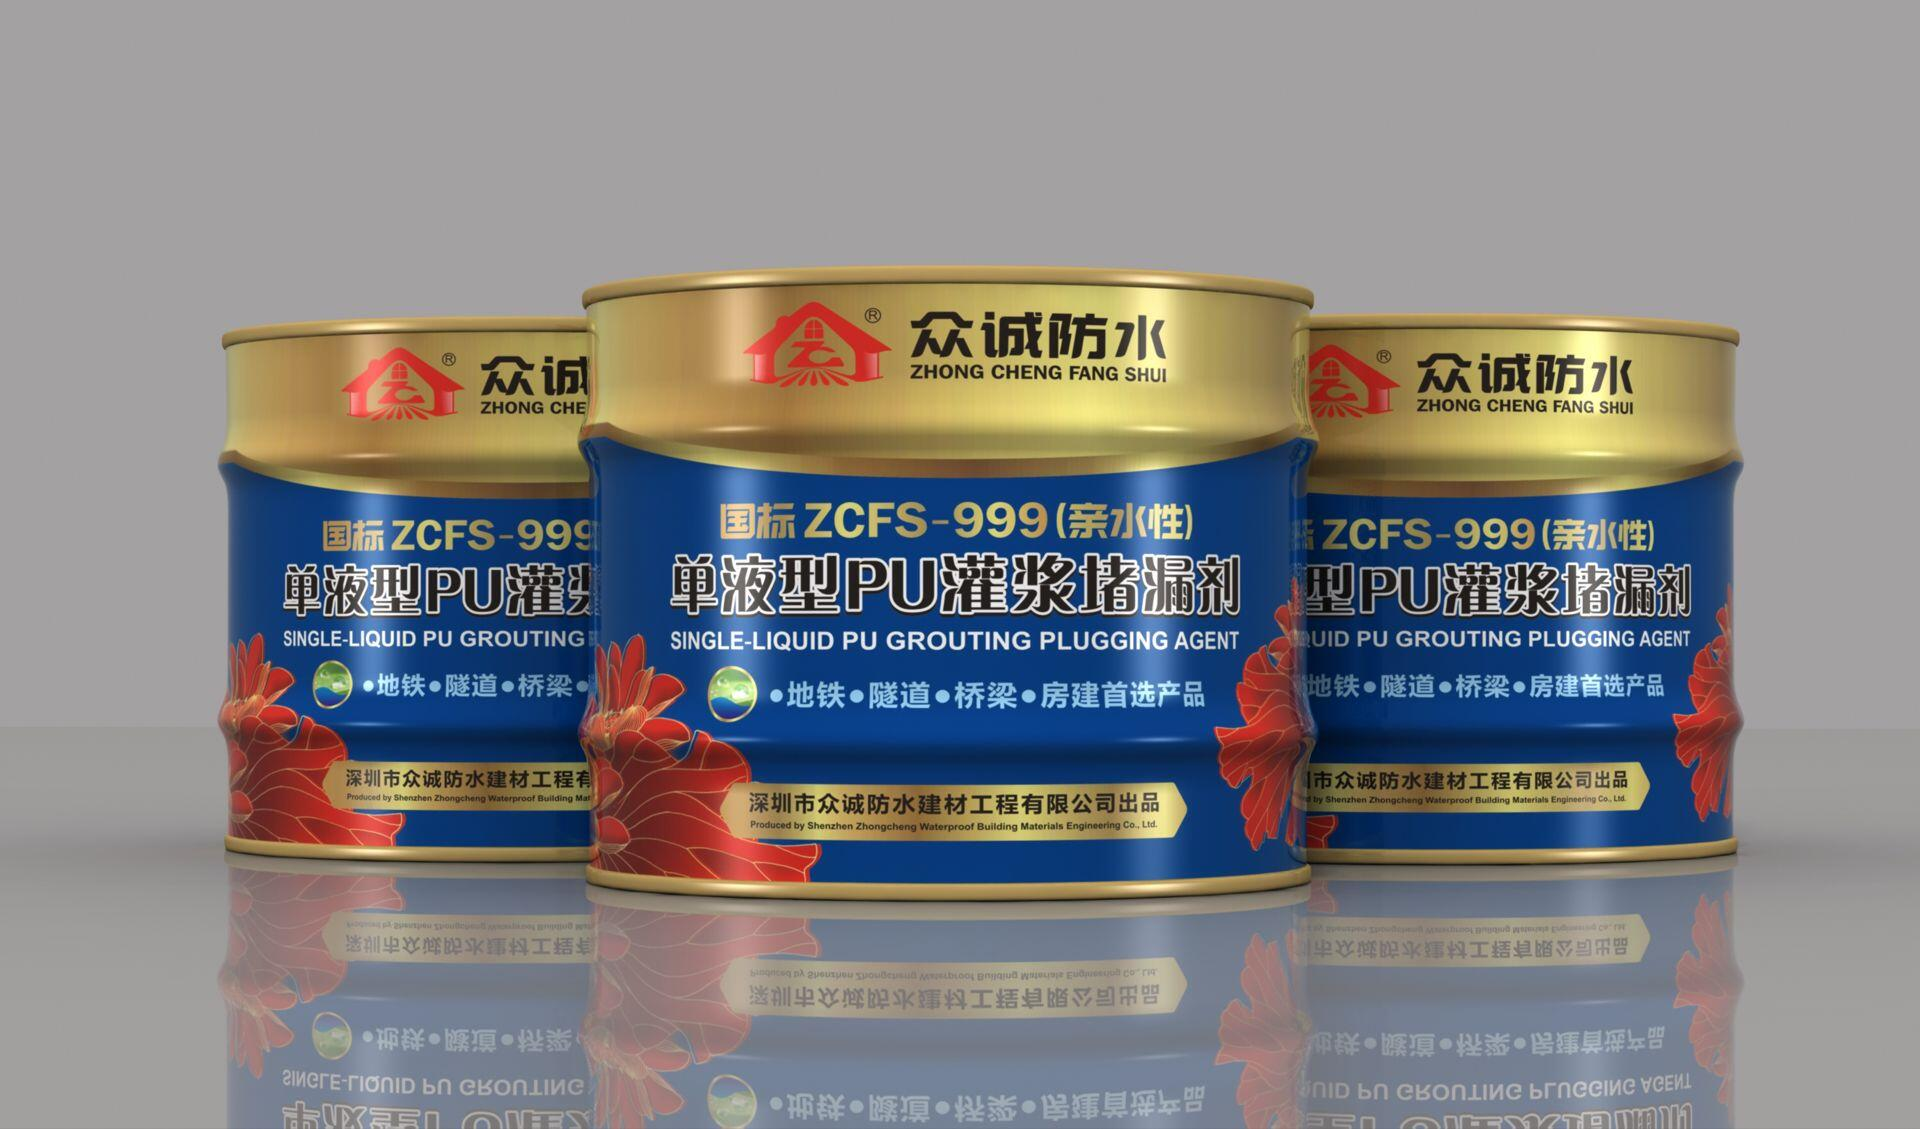 國標ZCFS-999(親水性)堵漏劑